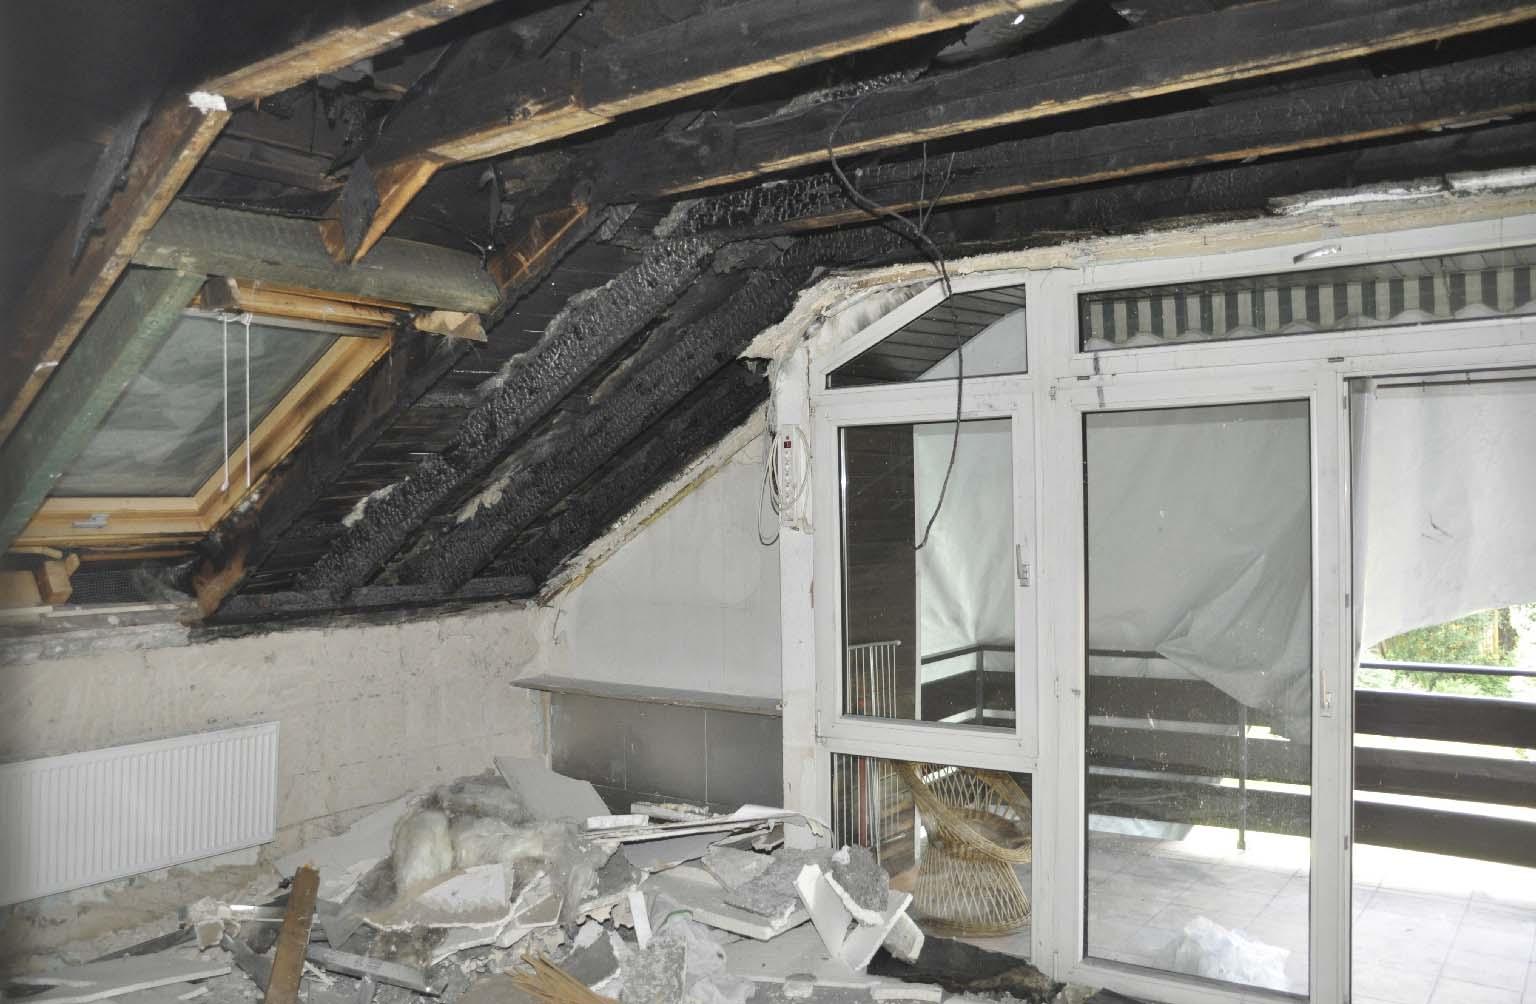 Schaden durch einen Brand an einem Modul der Solarthermieanlage (Bildmitte)